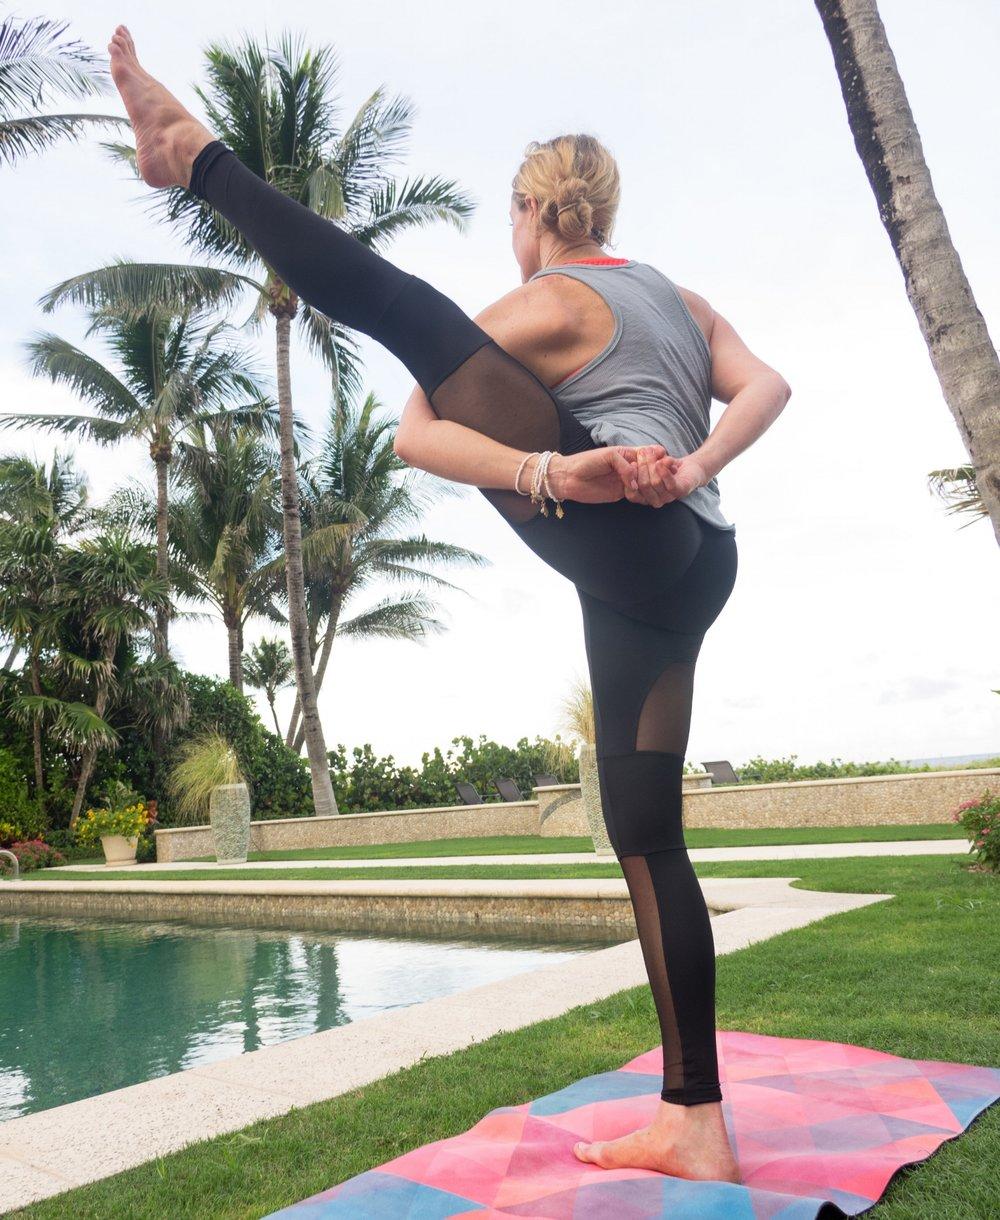 Bracelets-->  Jewelry Yoga  | Yoga Mat-->  Zura Yoga  | Apparel-->  Onzie  &  Free People